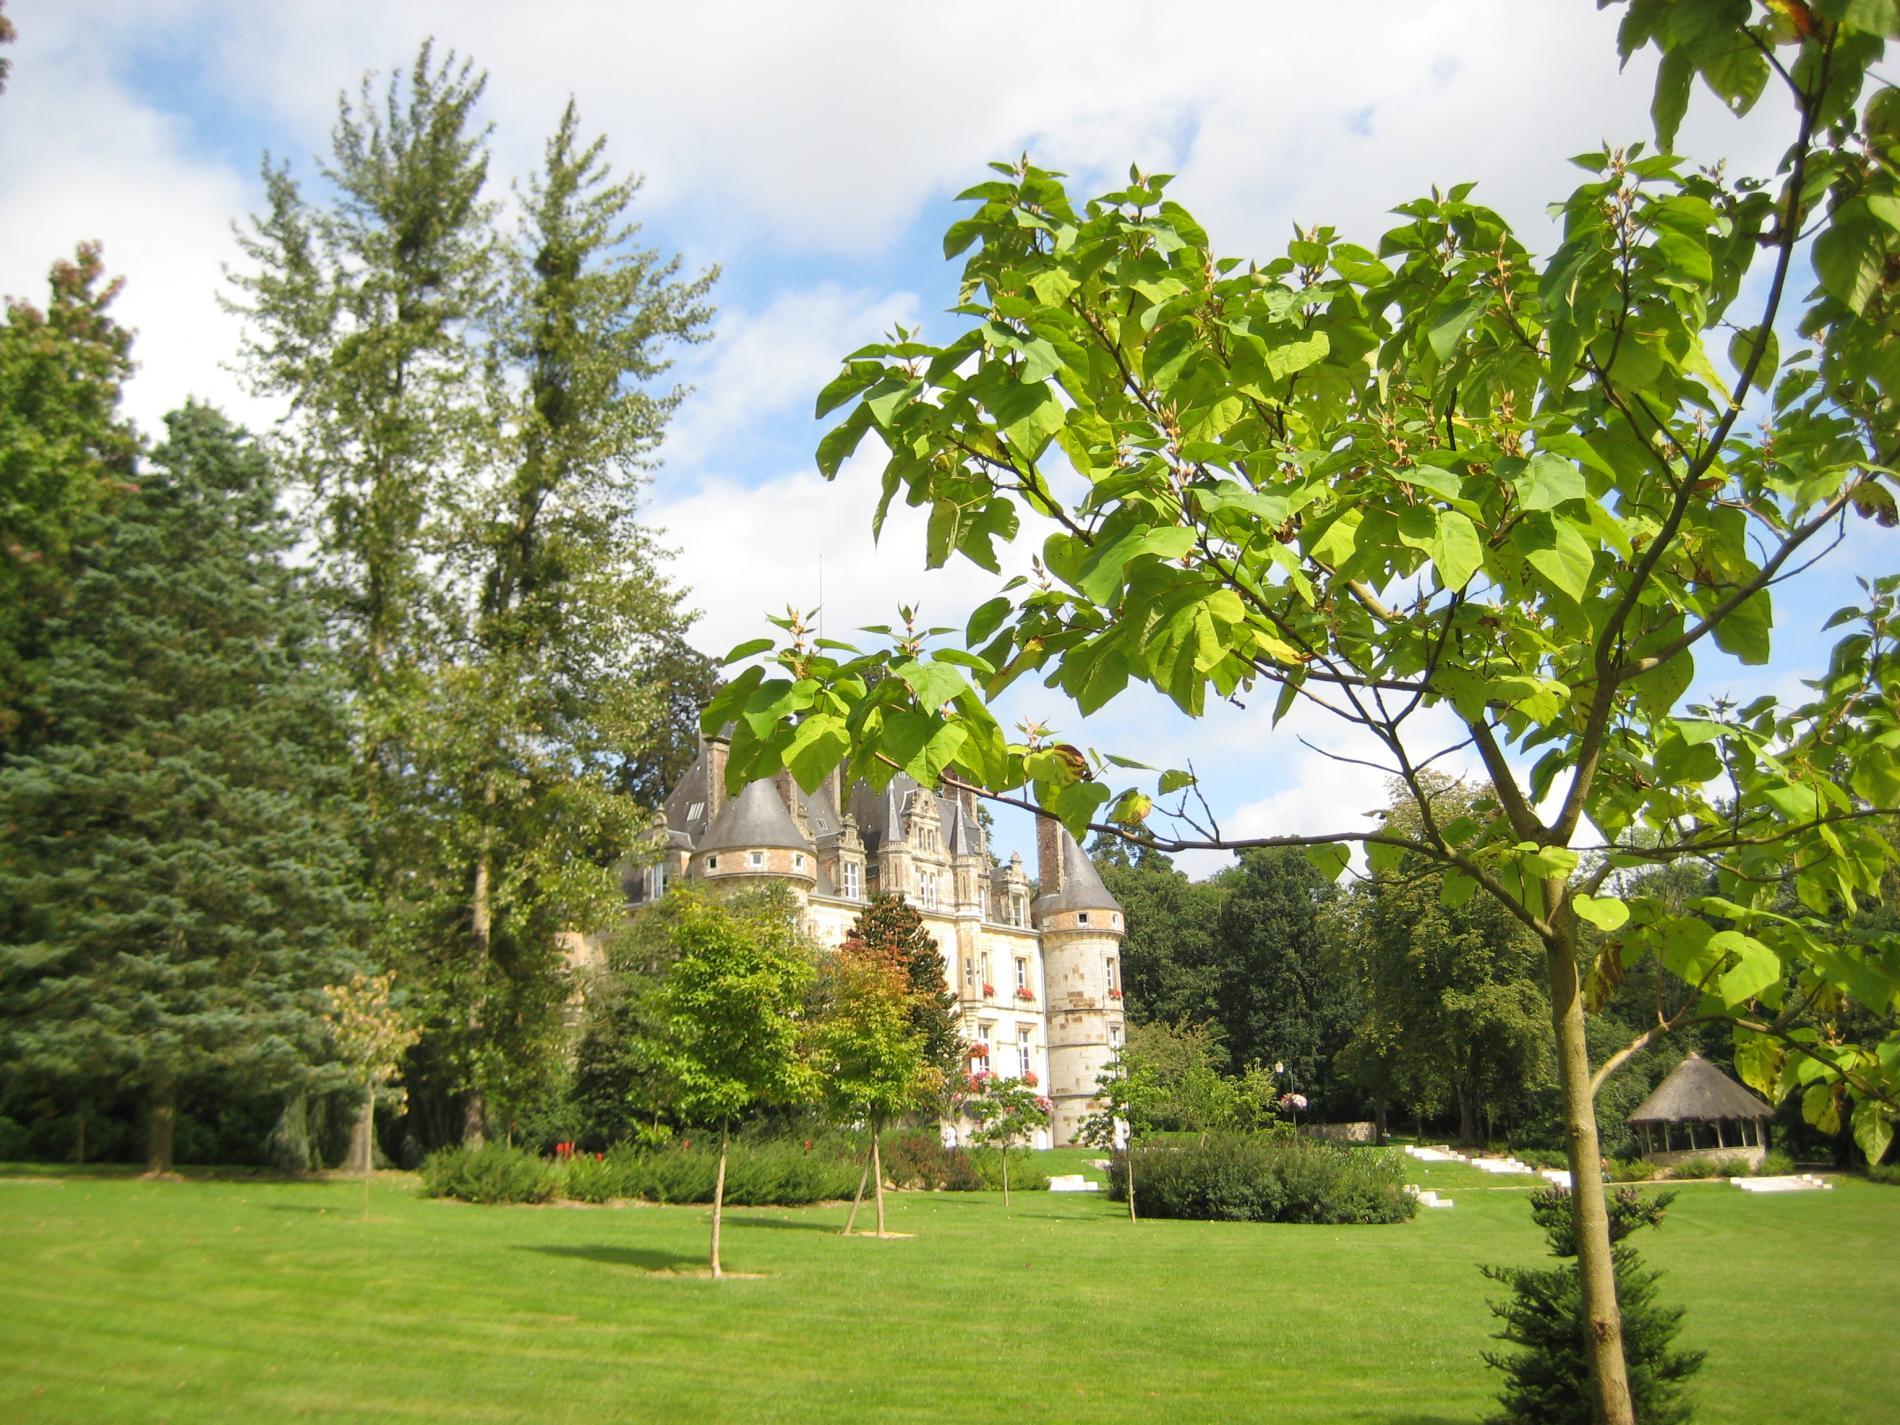 The Castle Park arboretum